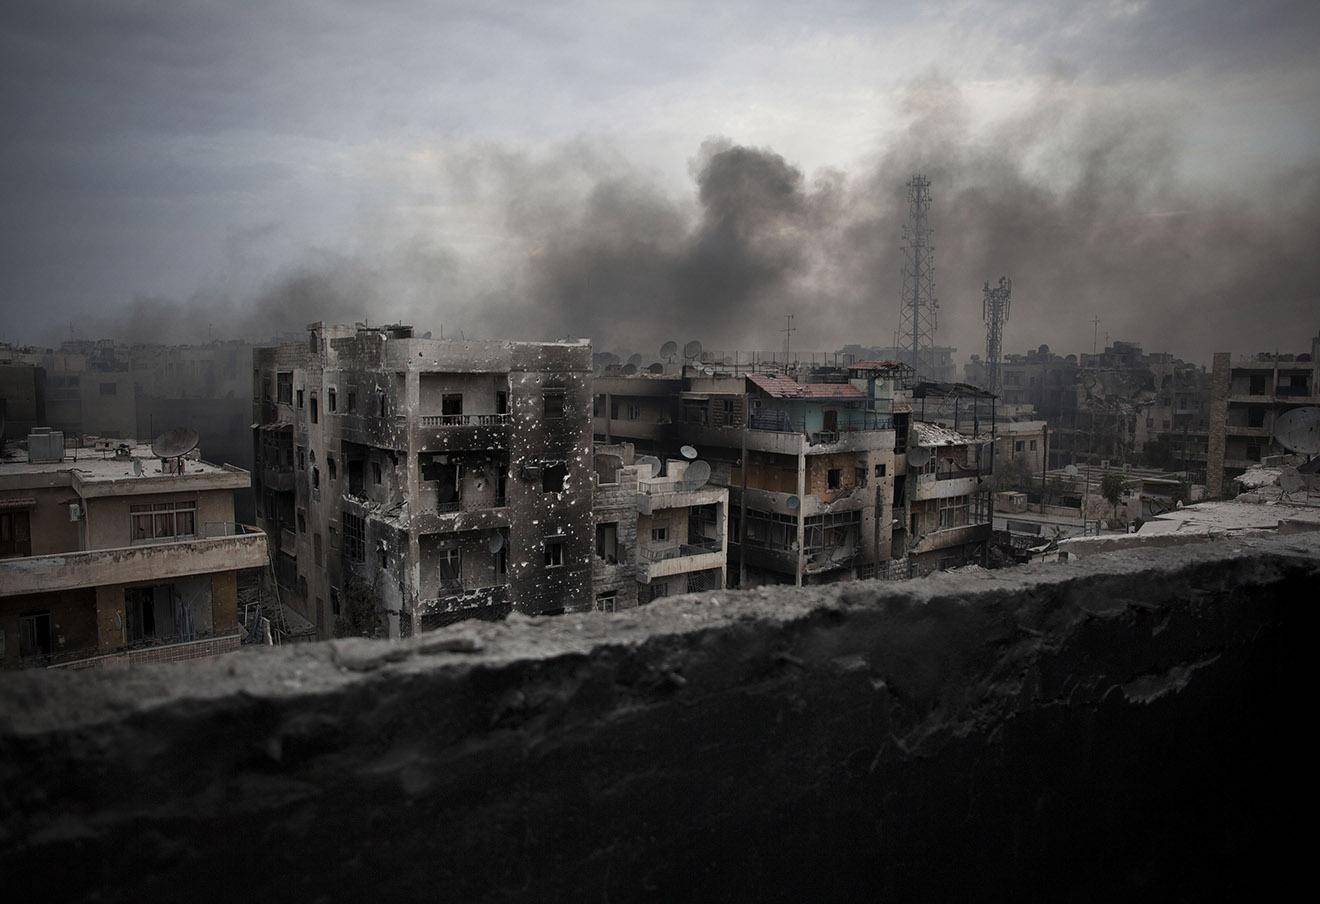 Последствия военных действий в Алеппо, Сирия, 2012 год. Фото: Manu Brabo / AP